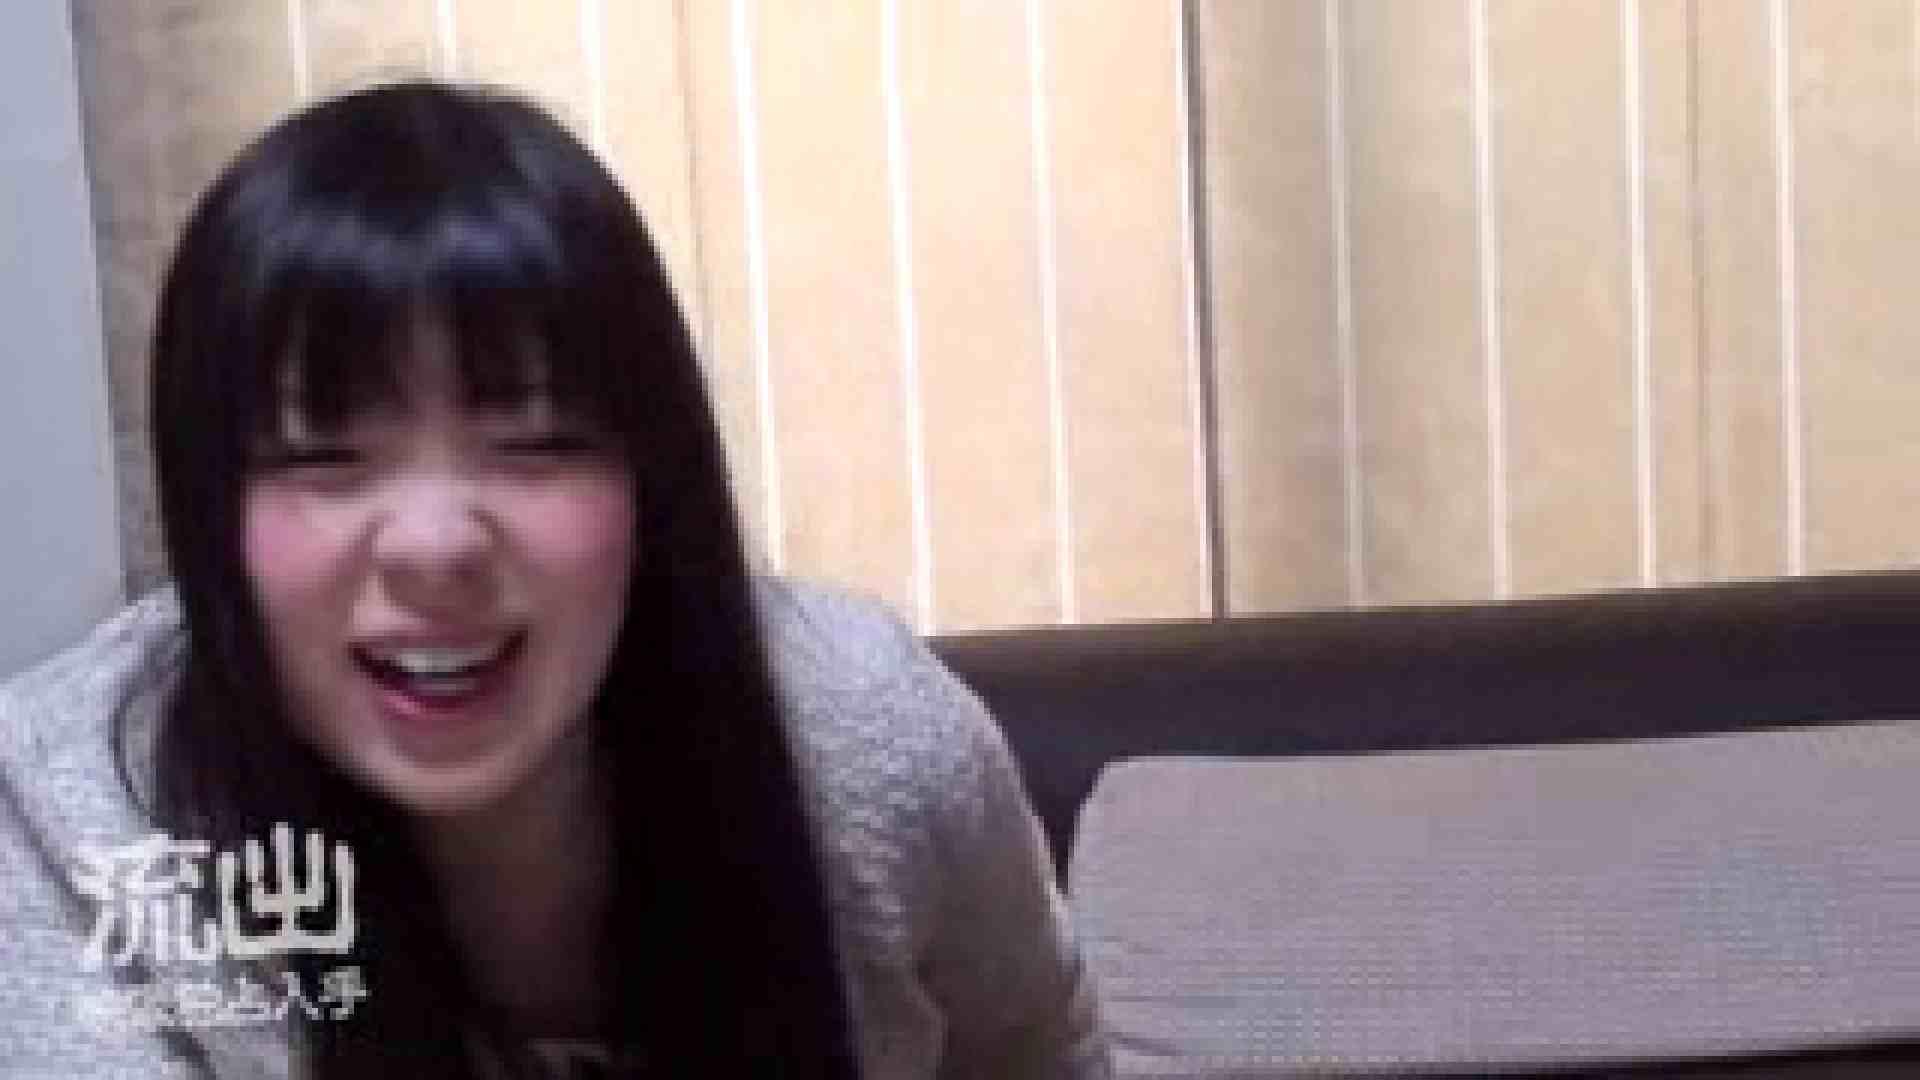 素人流出動画 都内在住マモルくんのファイル 投稿映像  57pic 46